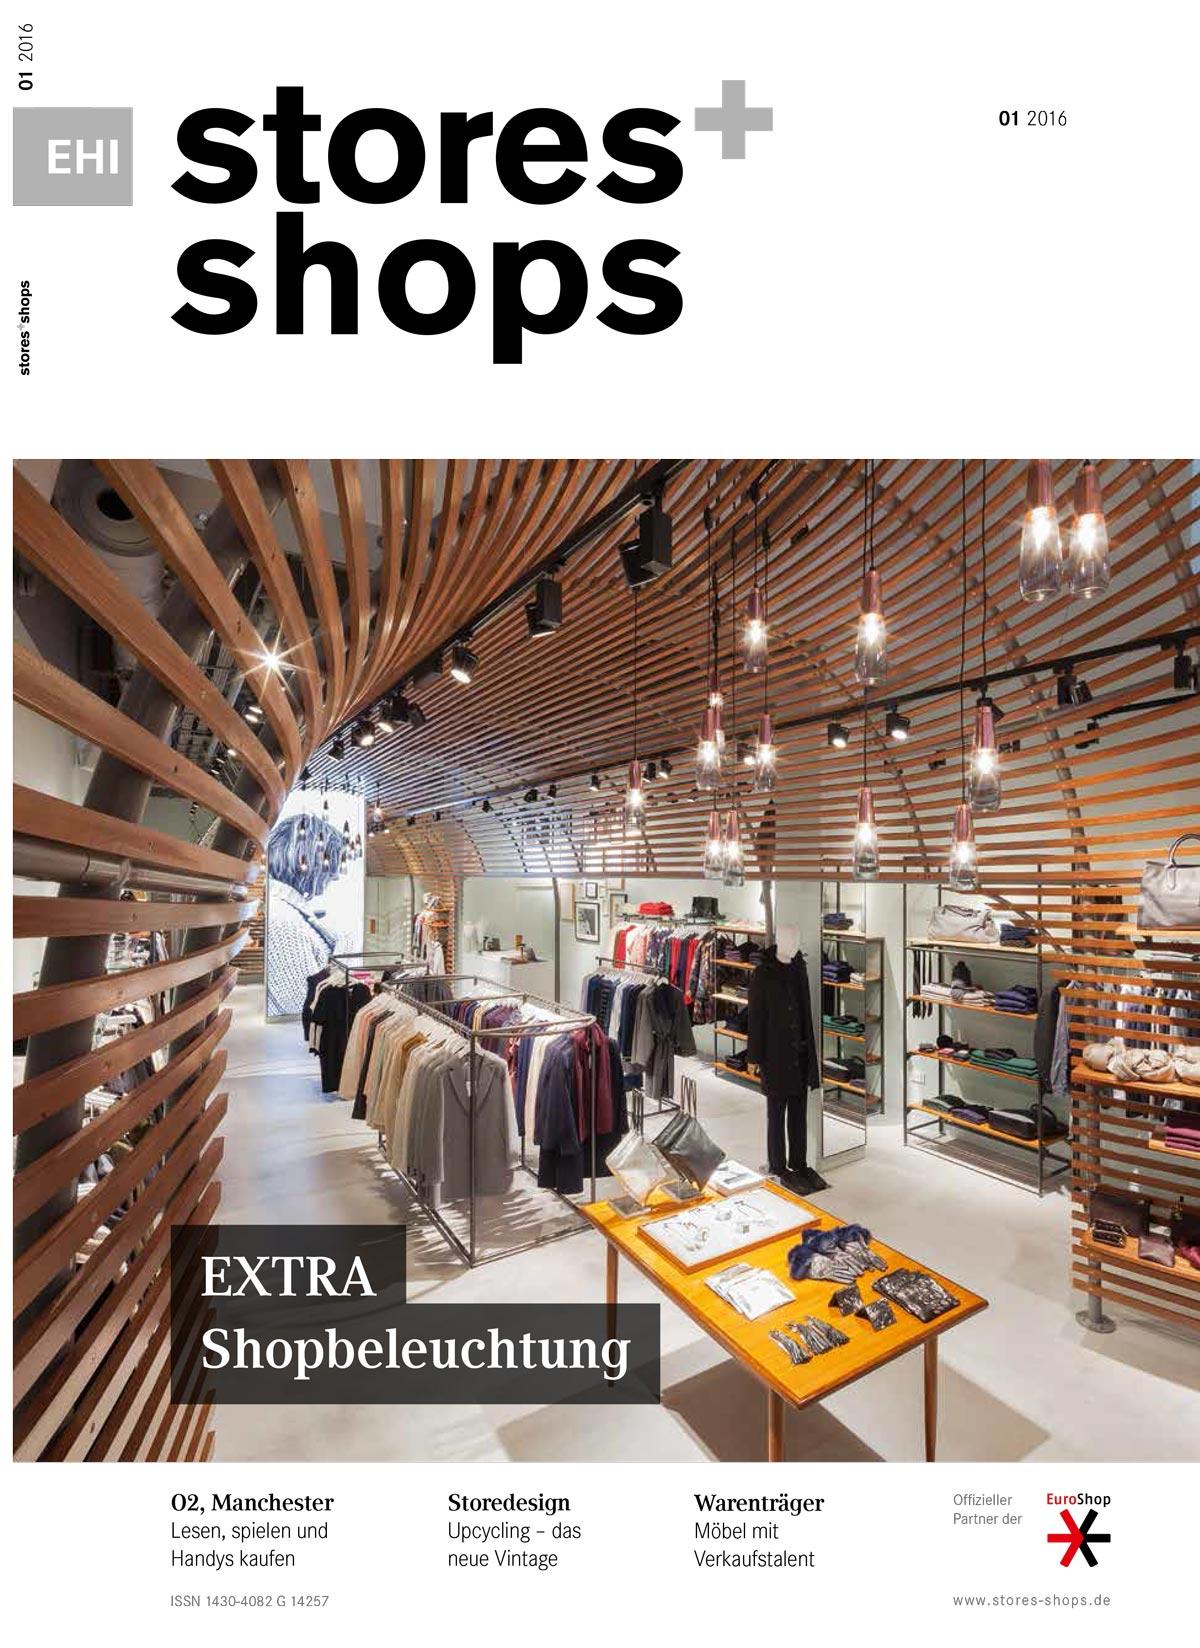 stores+shops 012016 Deckblatt